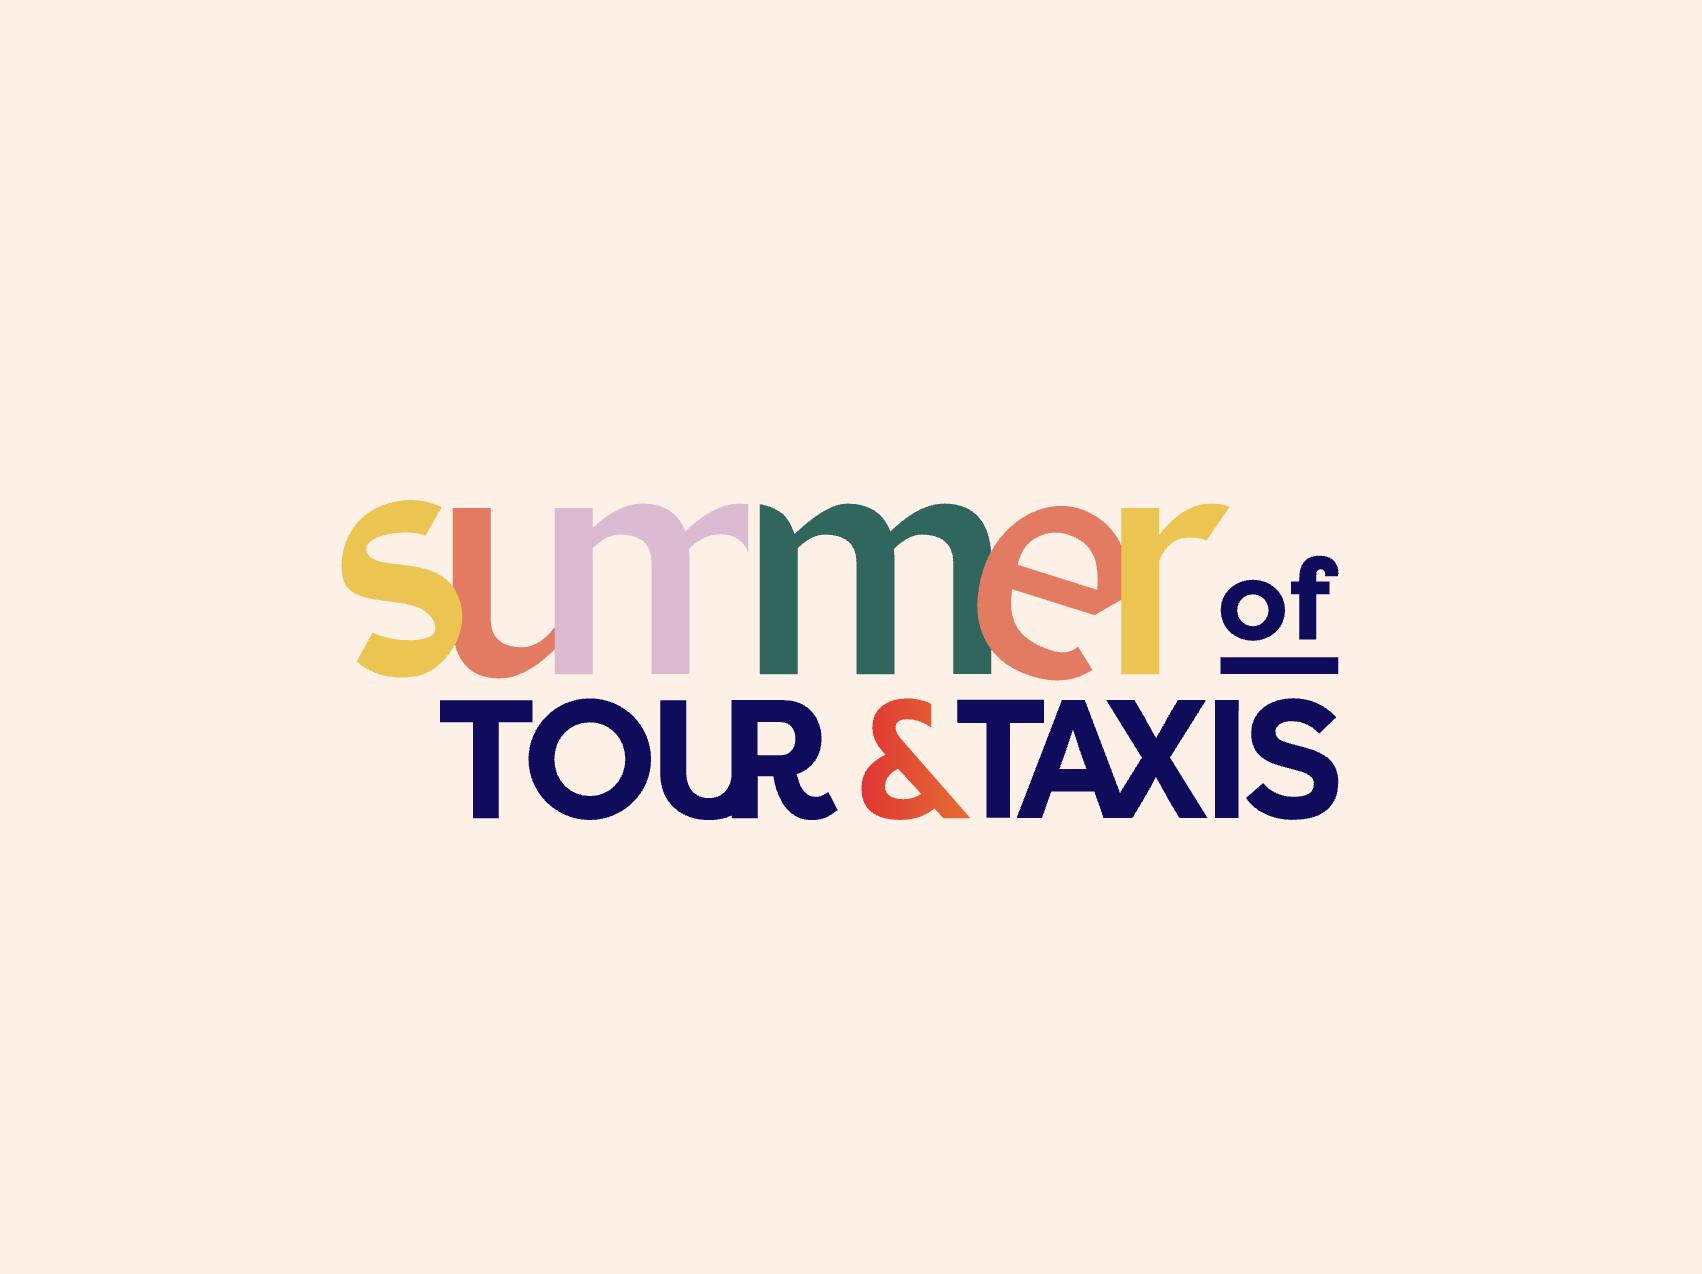 Tour & Taxis